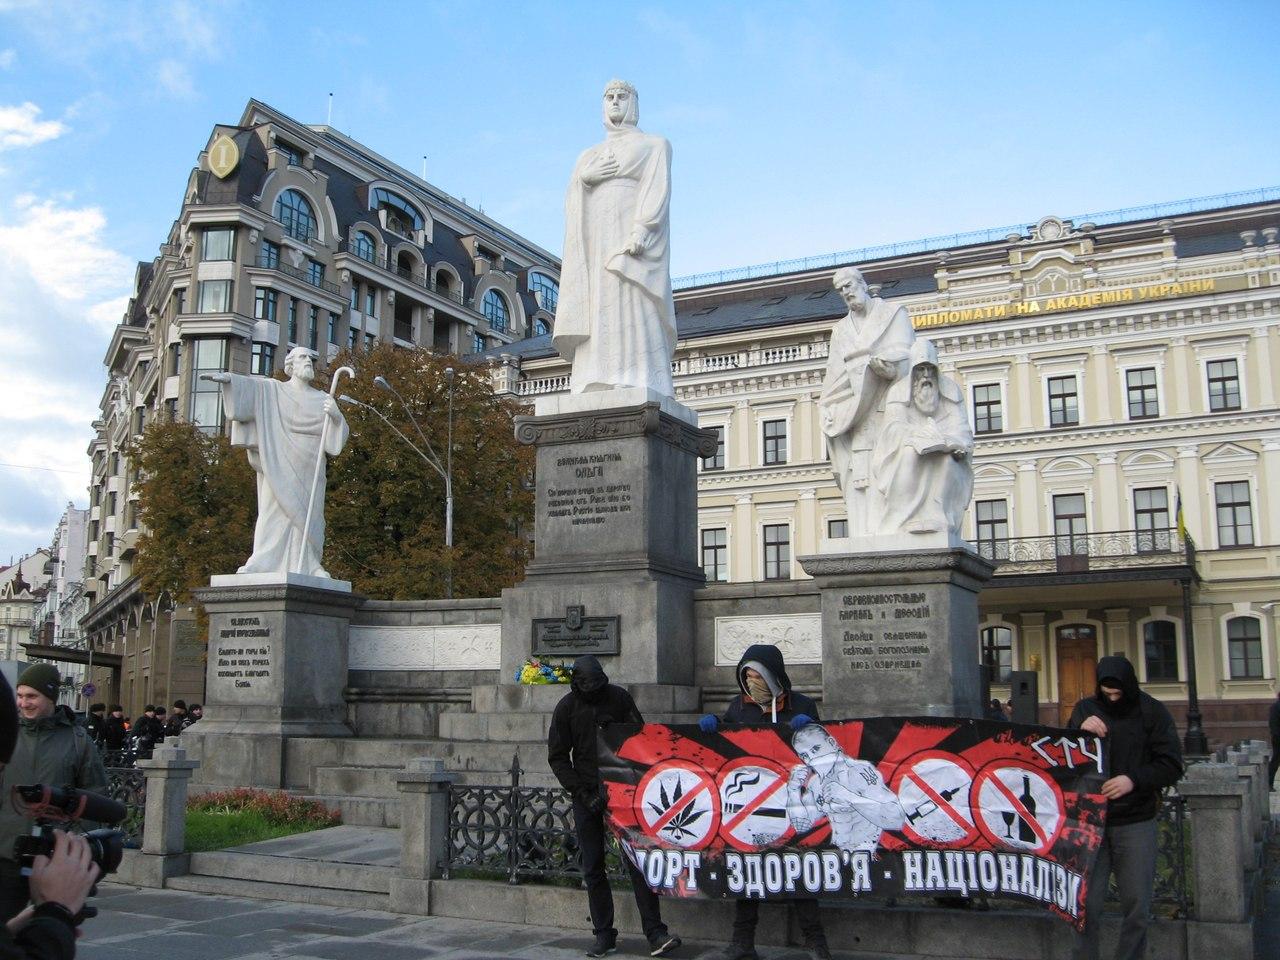 """В столице националисты напали на участников """"Конопляного марша"""". Несколько человек задержали - Цензор.НЕТ 2115"""